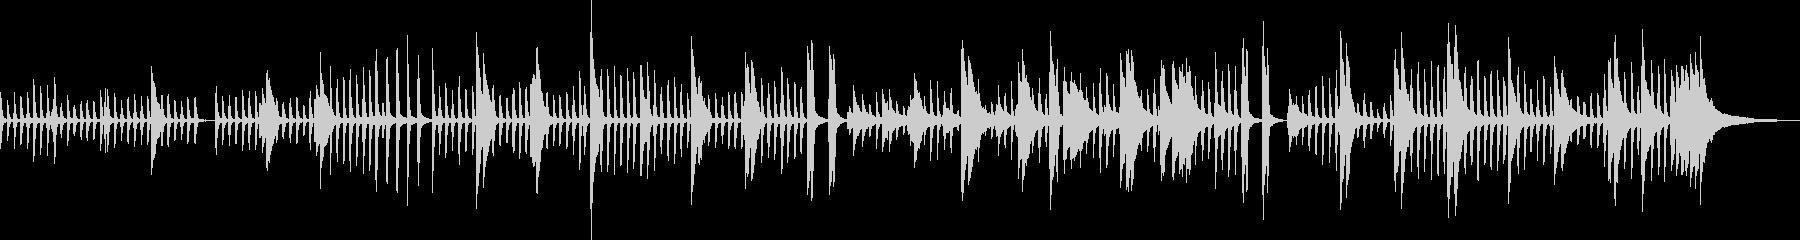 オシャレ・ピアノ・幻想的・BGM・雪の未再生の波形